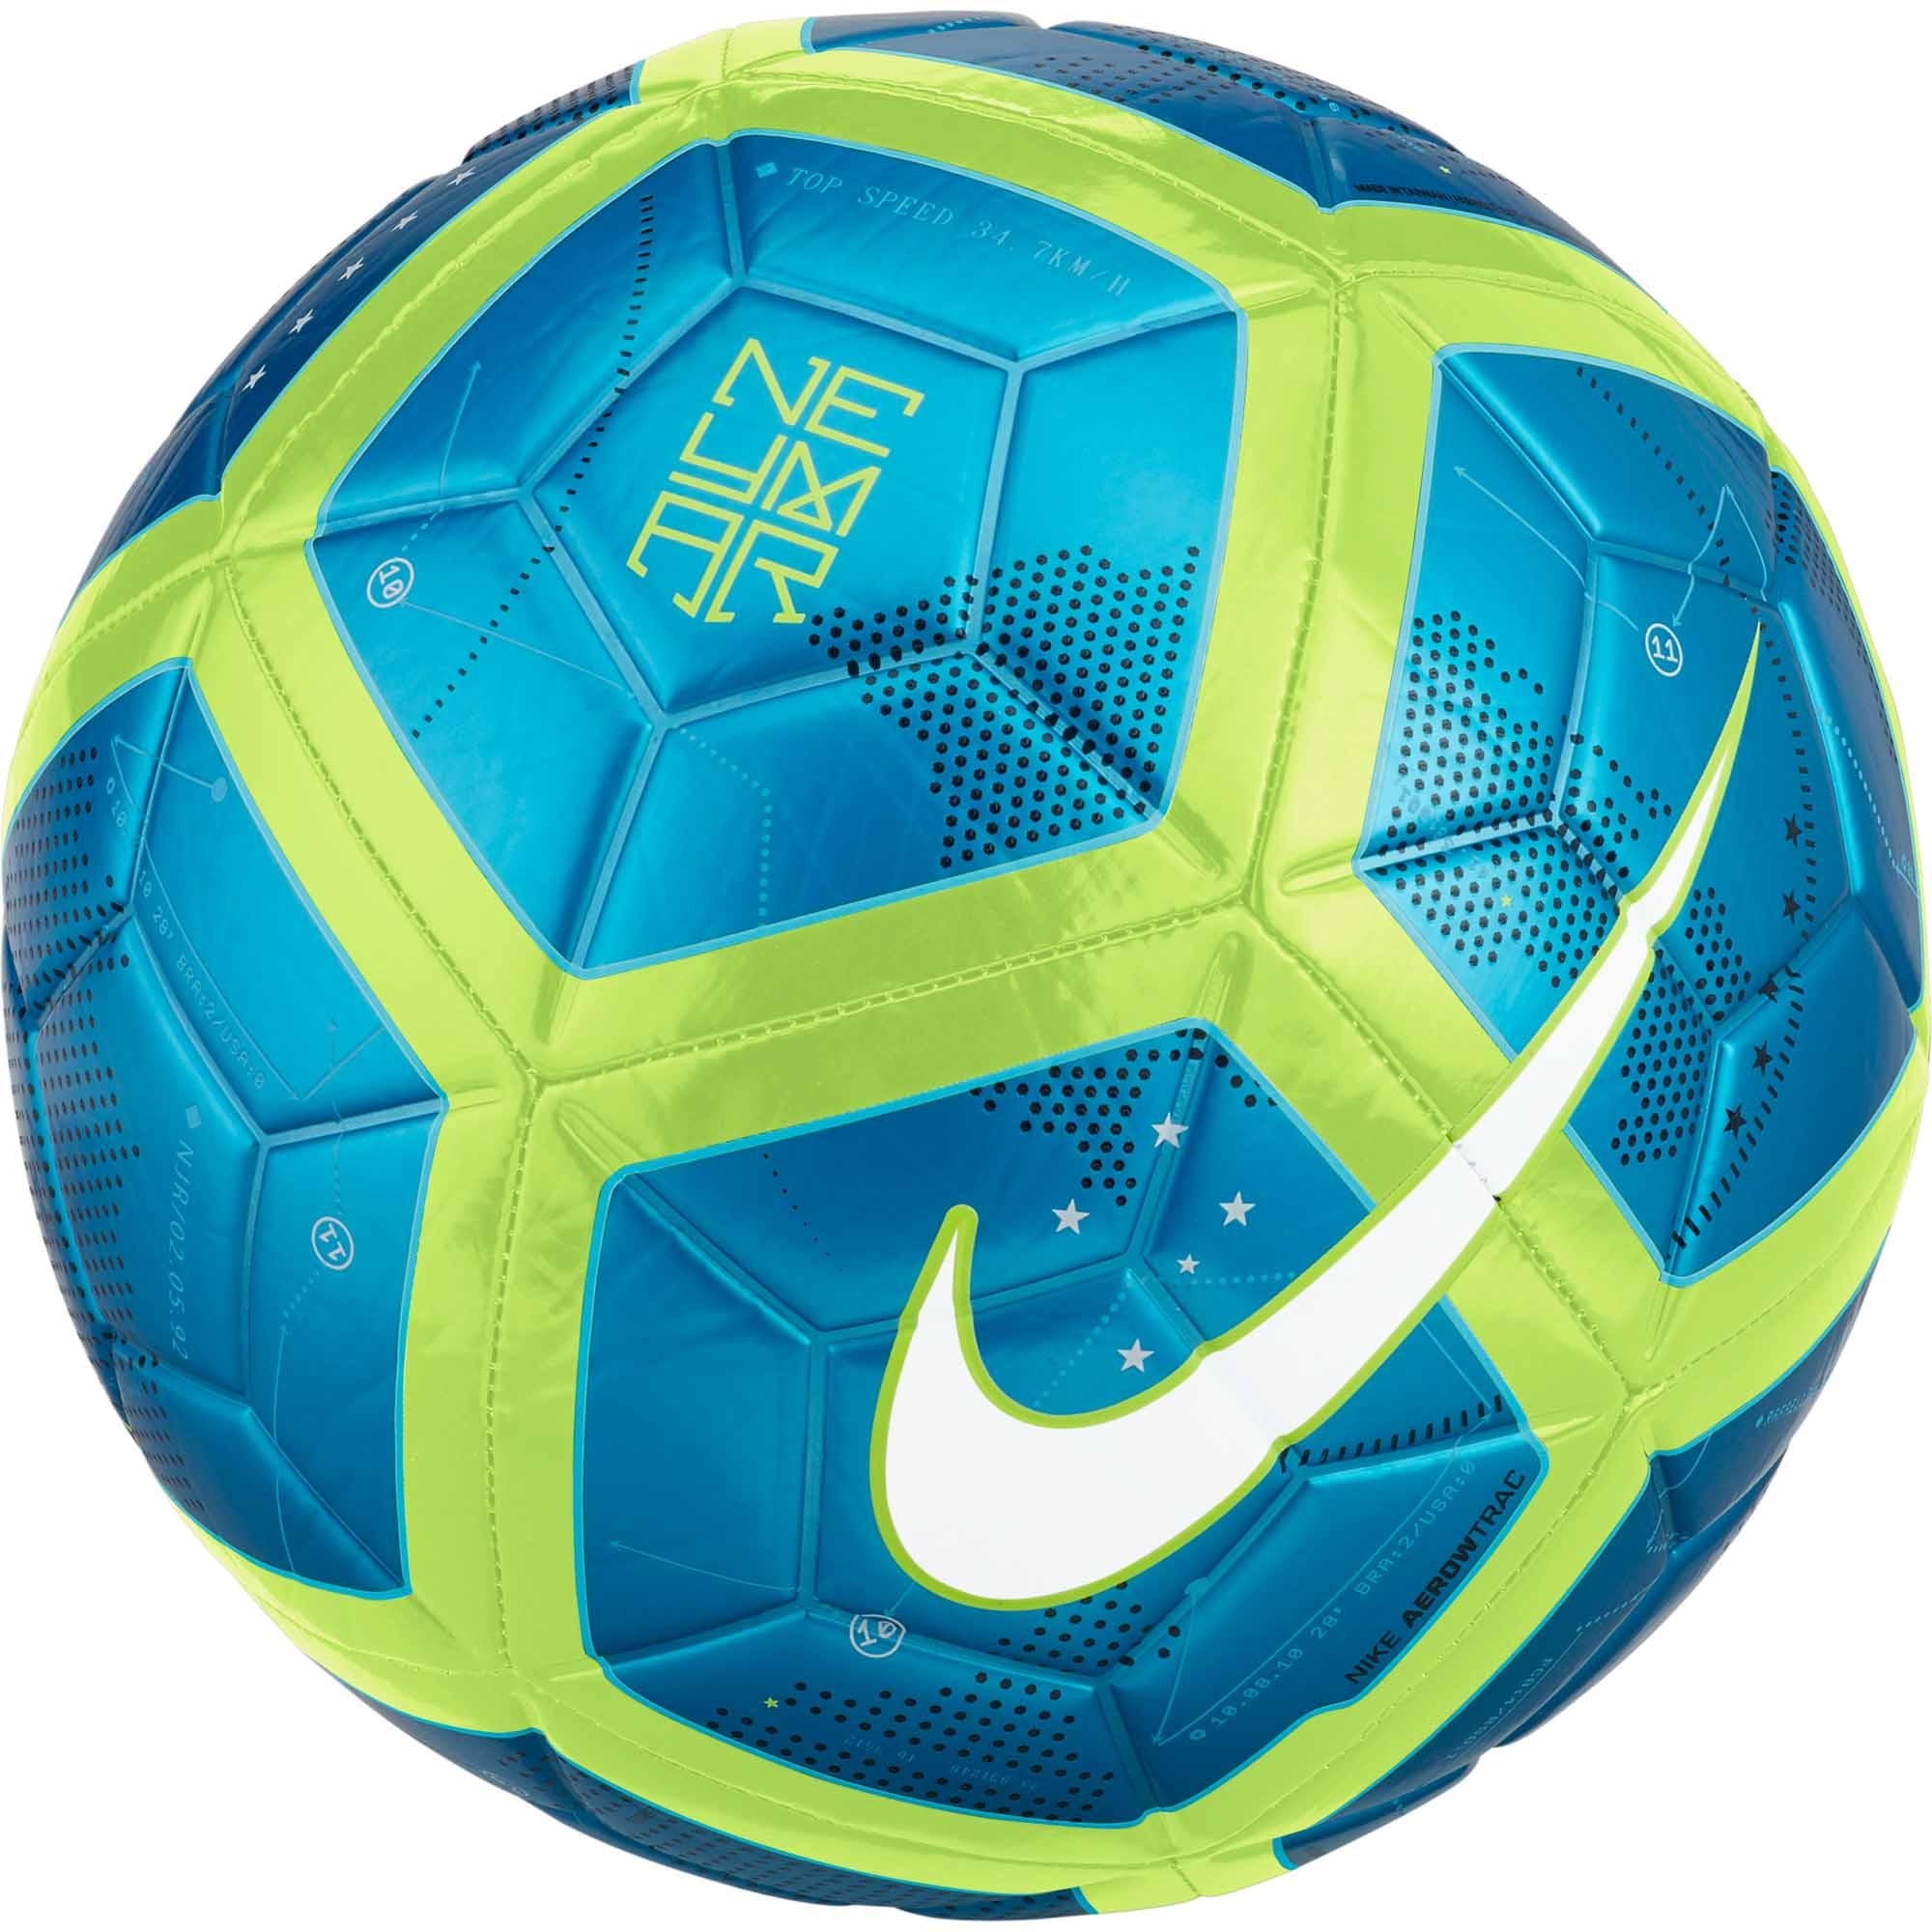 Nike Strike Soccer Ball - Neymar Soccer Balls